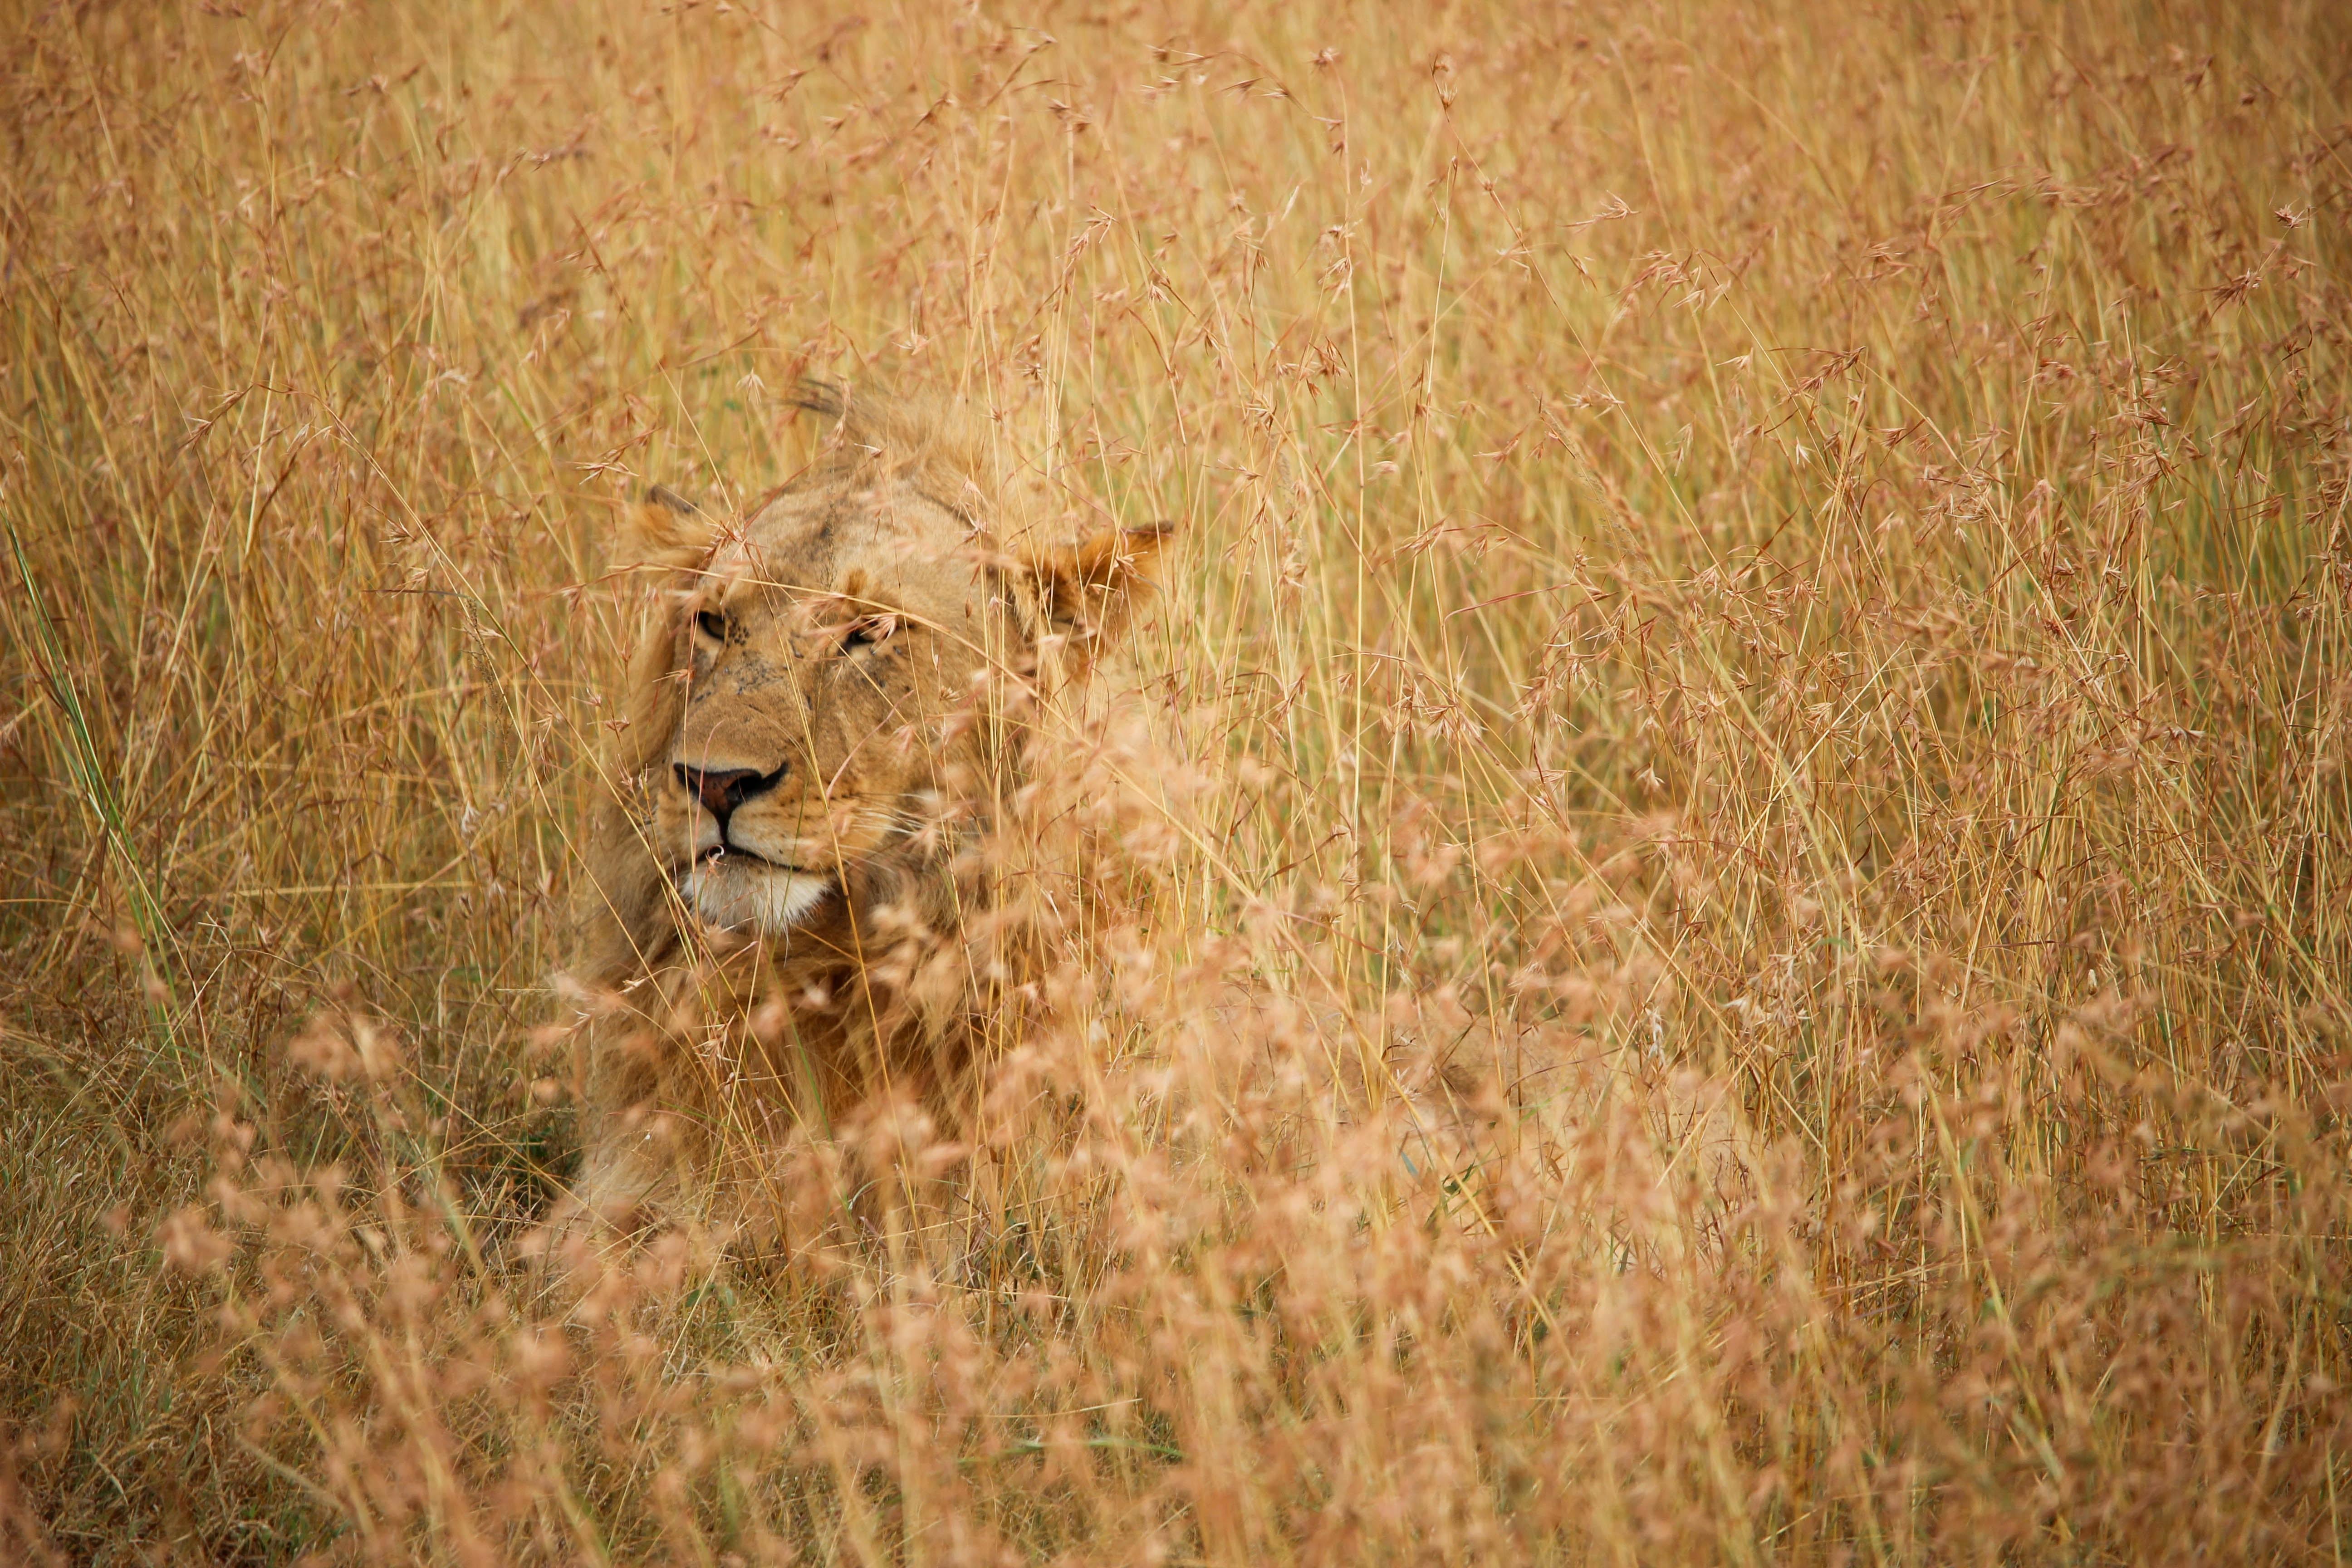 149827 Protetores de tela e papéis de parede Rei Das Feras em seu telefone. Baixe Animais, Leão, Um Leão, Predator, Predador, Esconder, Rei Das Feras, Rei Das Bestas fotos gratuitamente